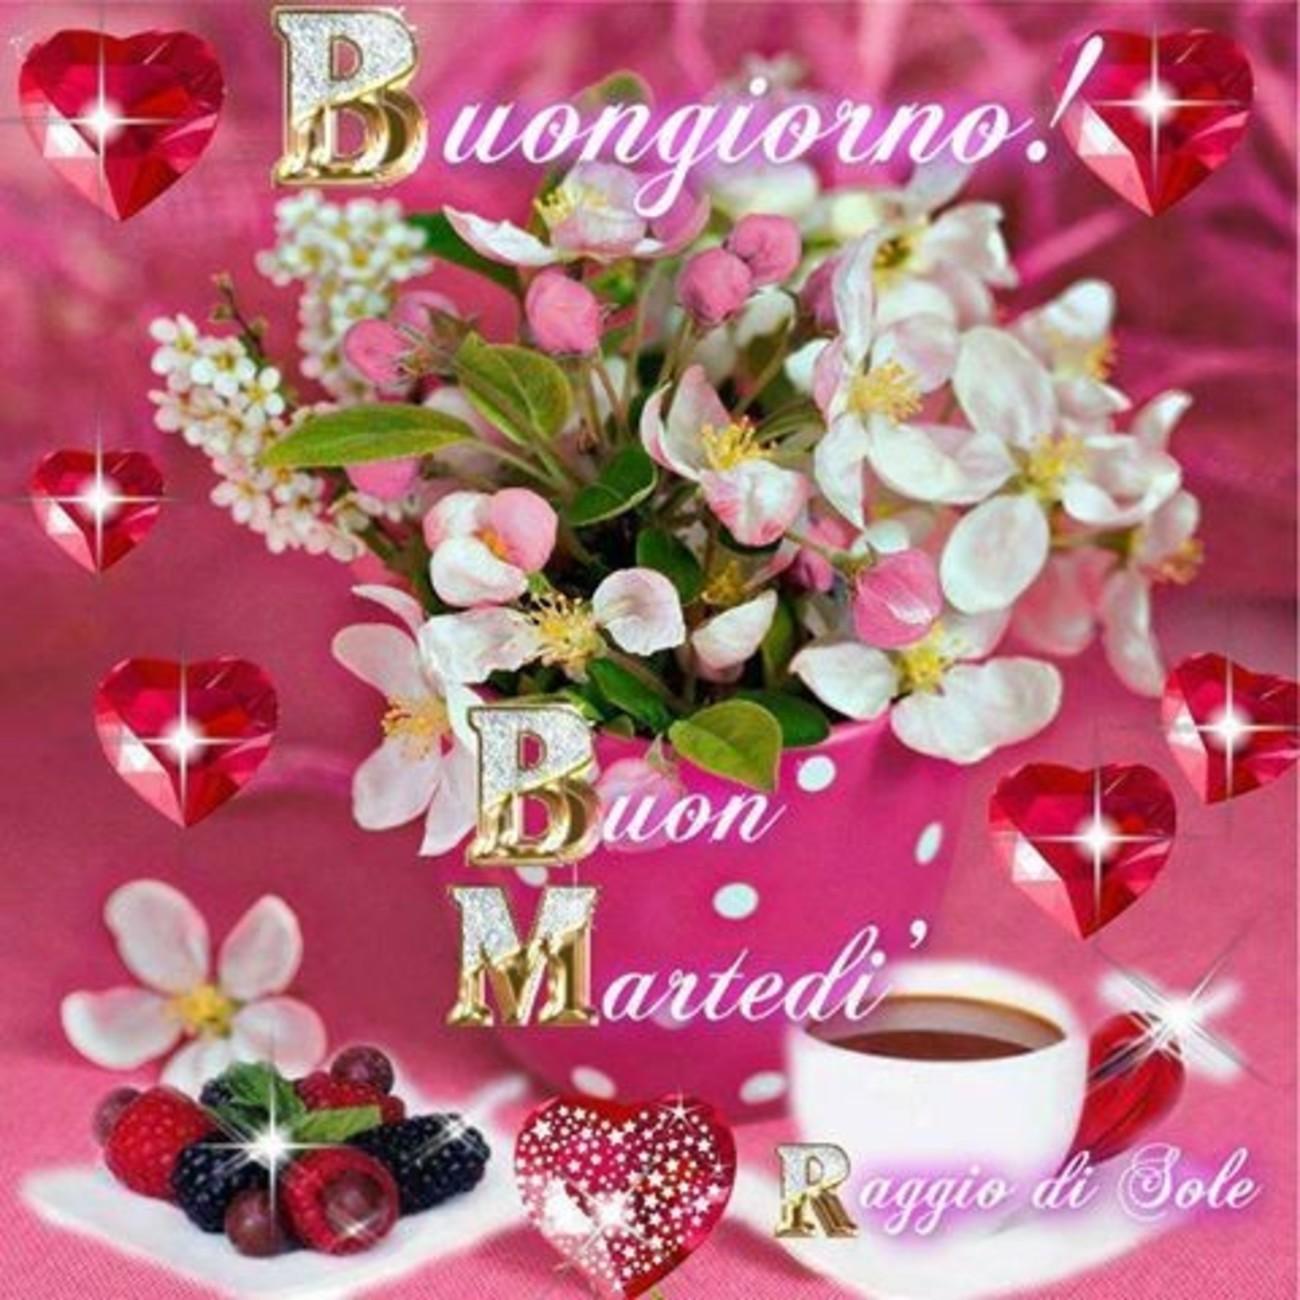 Belle Immagini Pinterest Del Buon Martedì Buongiornoateit